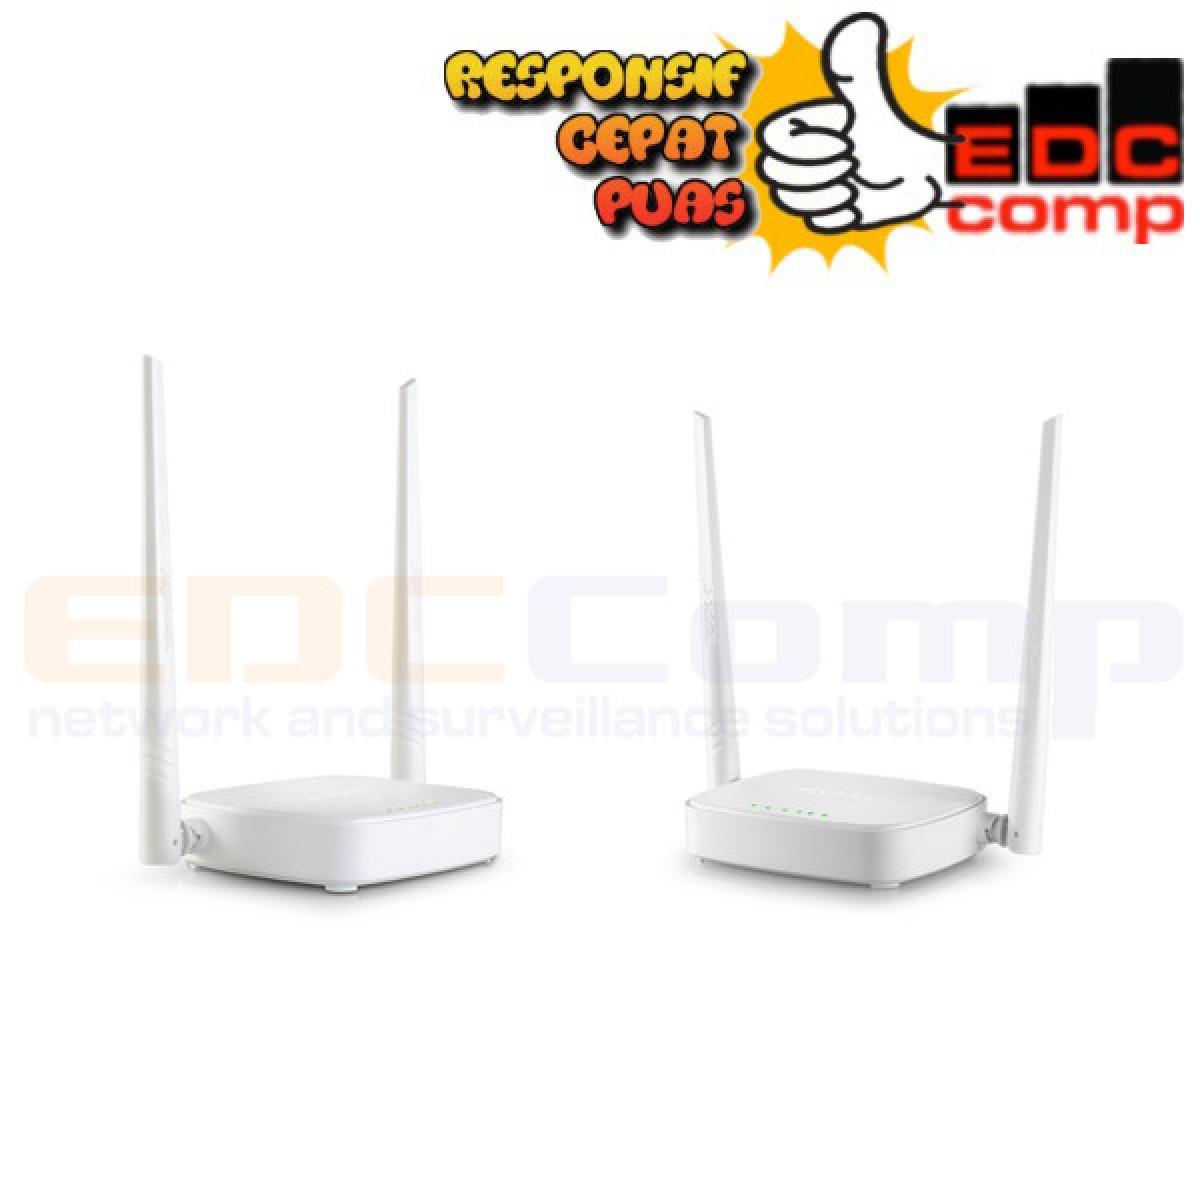 TENDA Wirless Router N301 - EdcComp